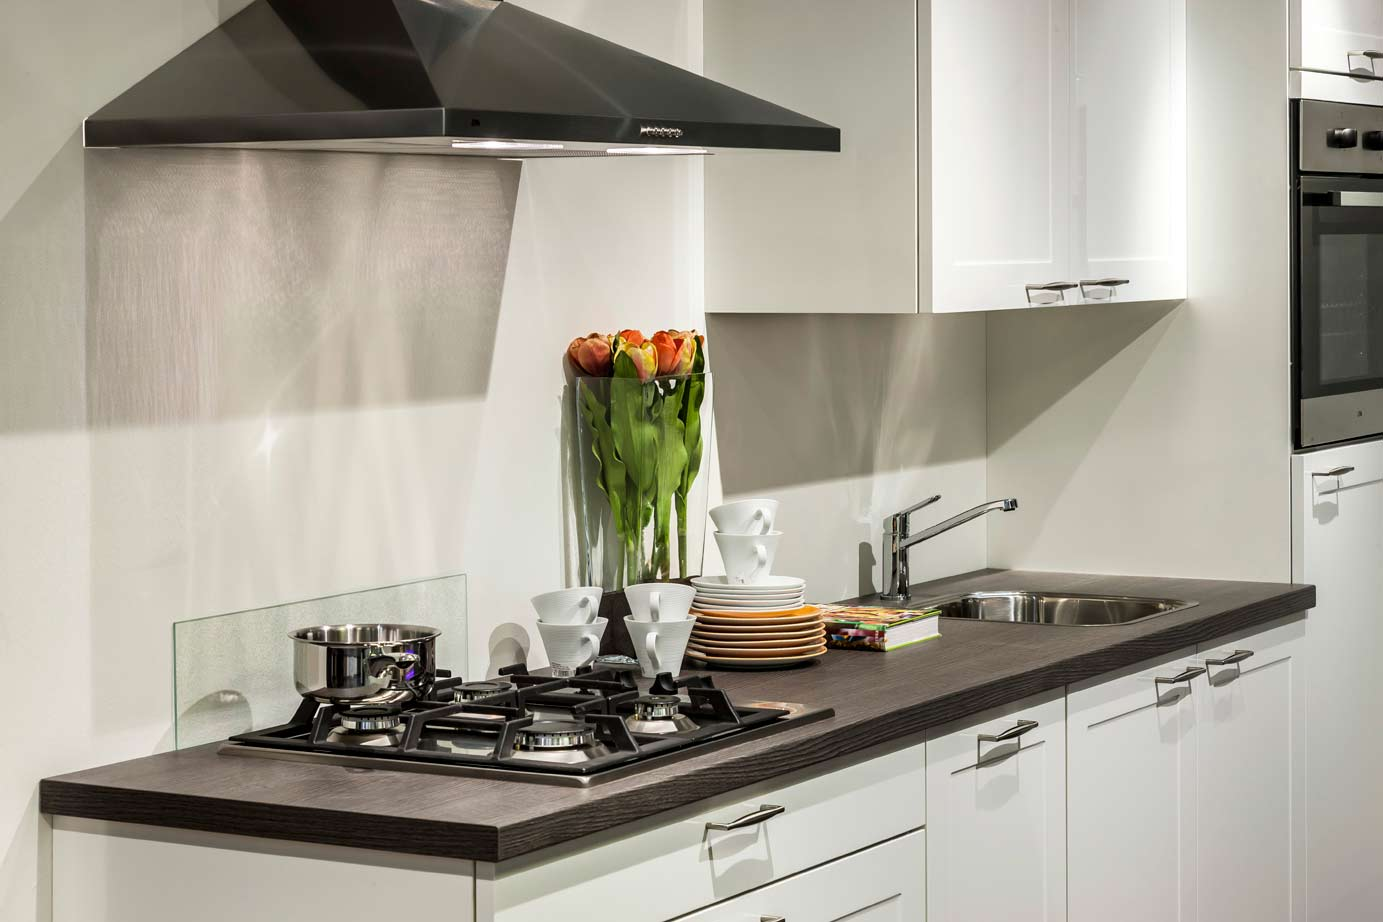 Poggenpohl Keuken Kosten : Goedkope keukenapparatuur – Goedkope DB keukens